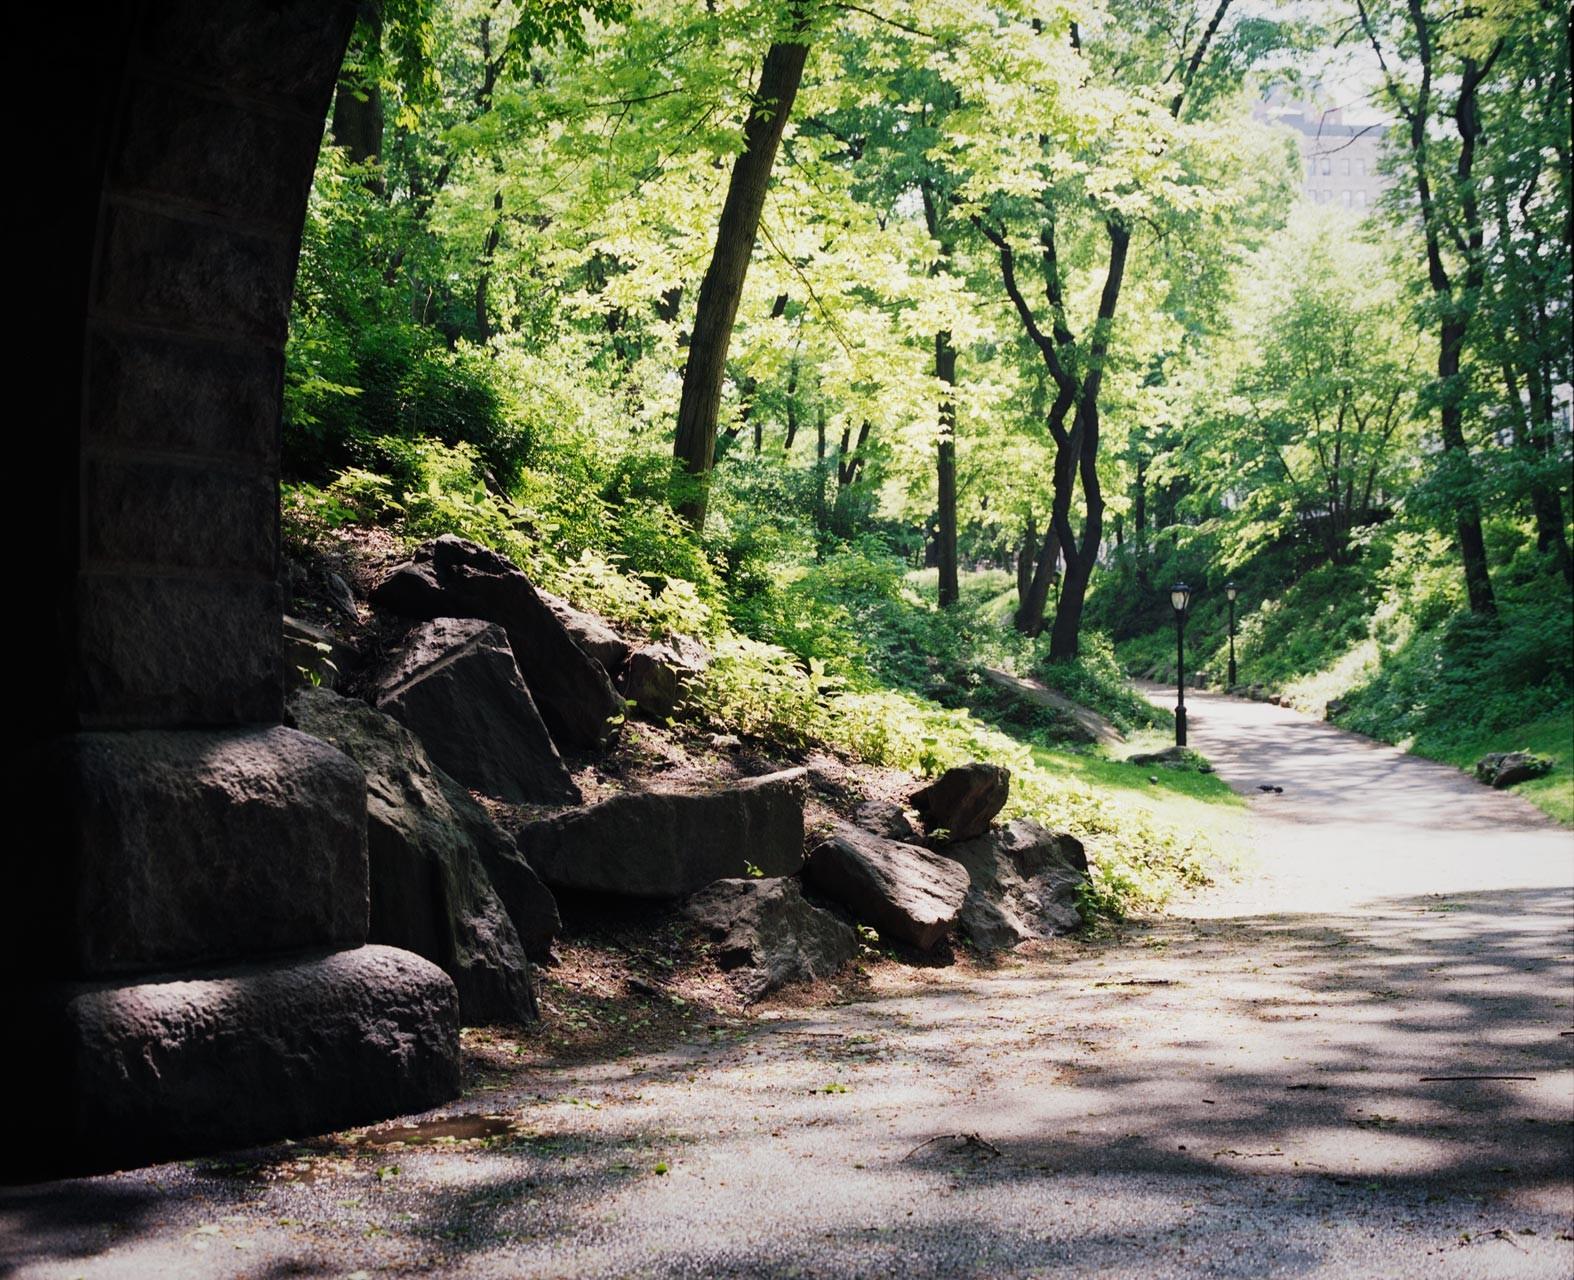 Timo_Stammberger_New_York_Manhattan_Central_Park_Trees_Summertime